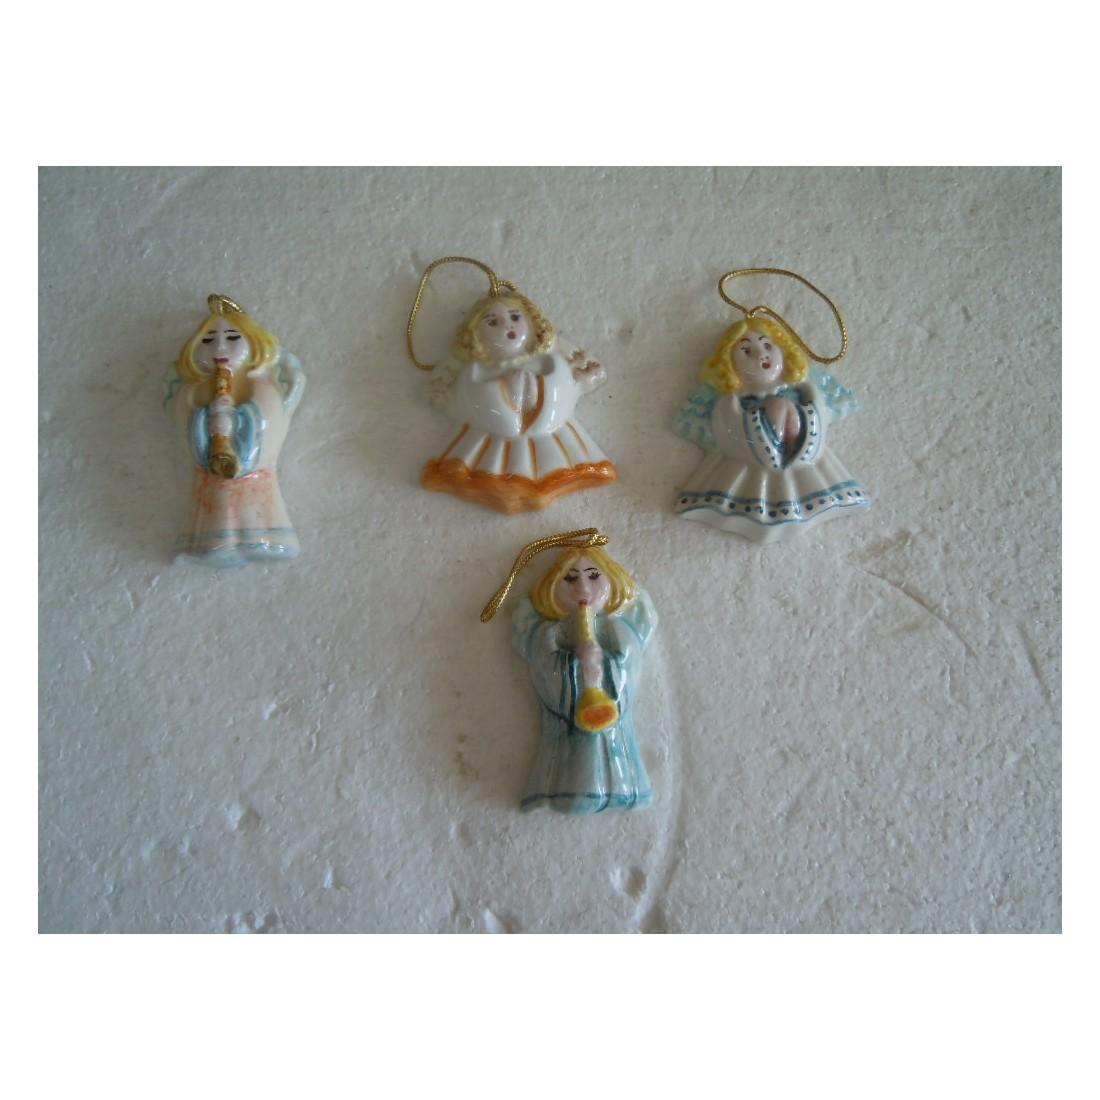 Scegli la consegna gratis per. 4 Angeli Angioletti In Ceramica Artigianali Natalizio